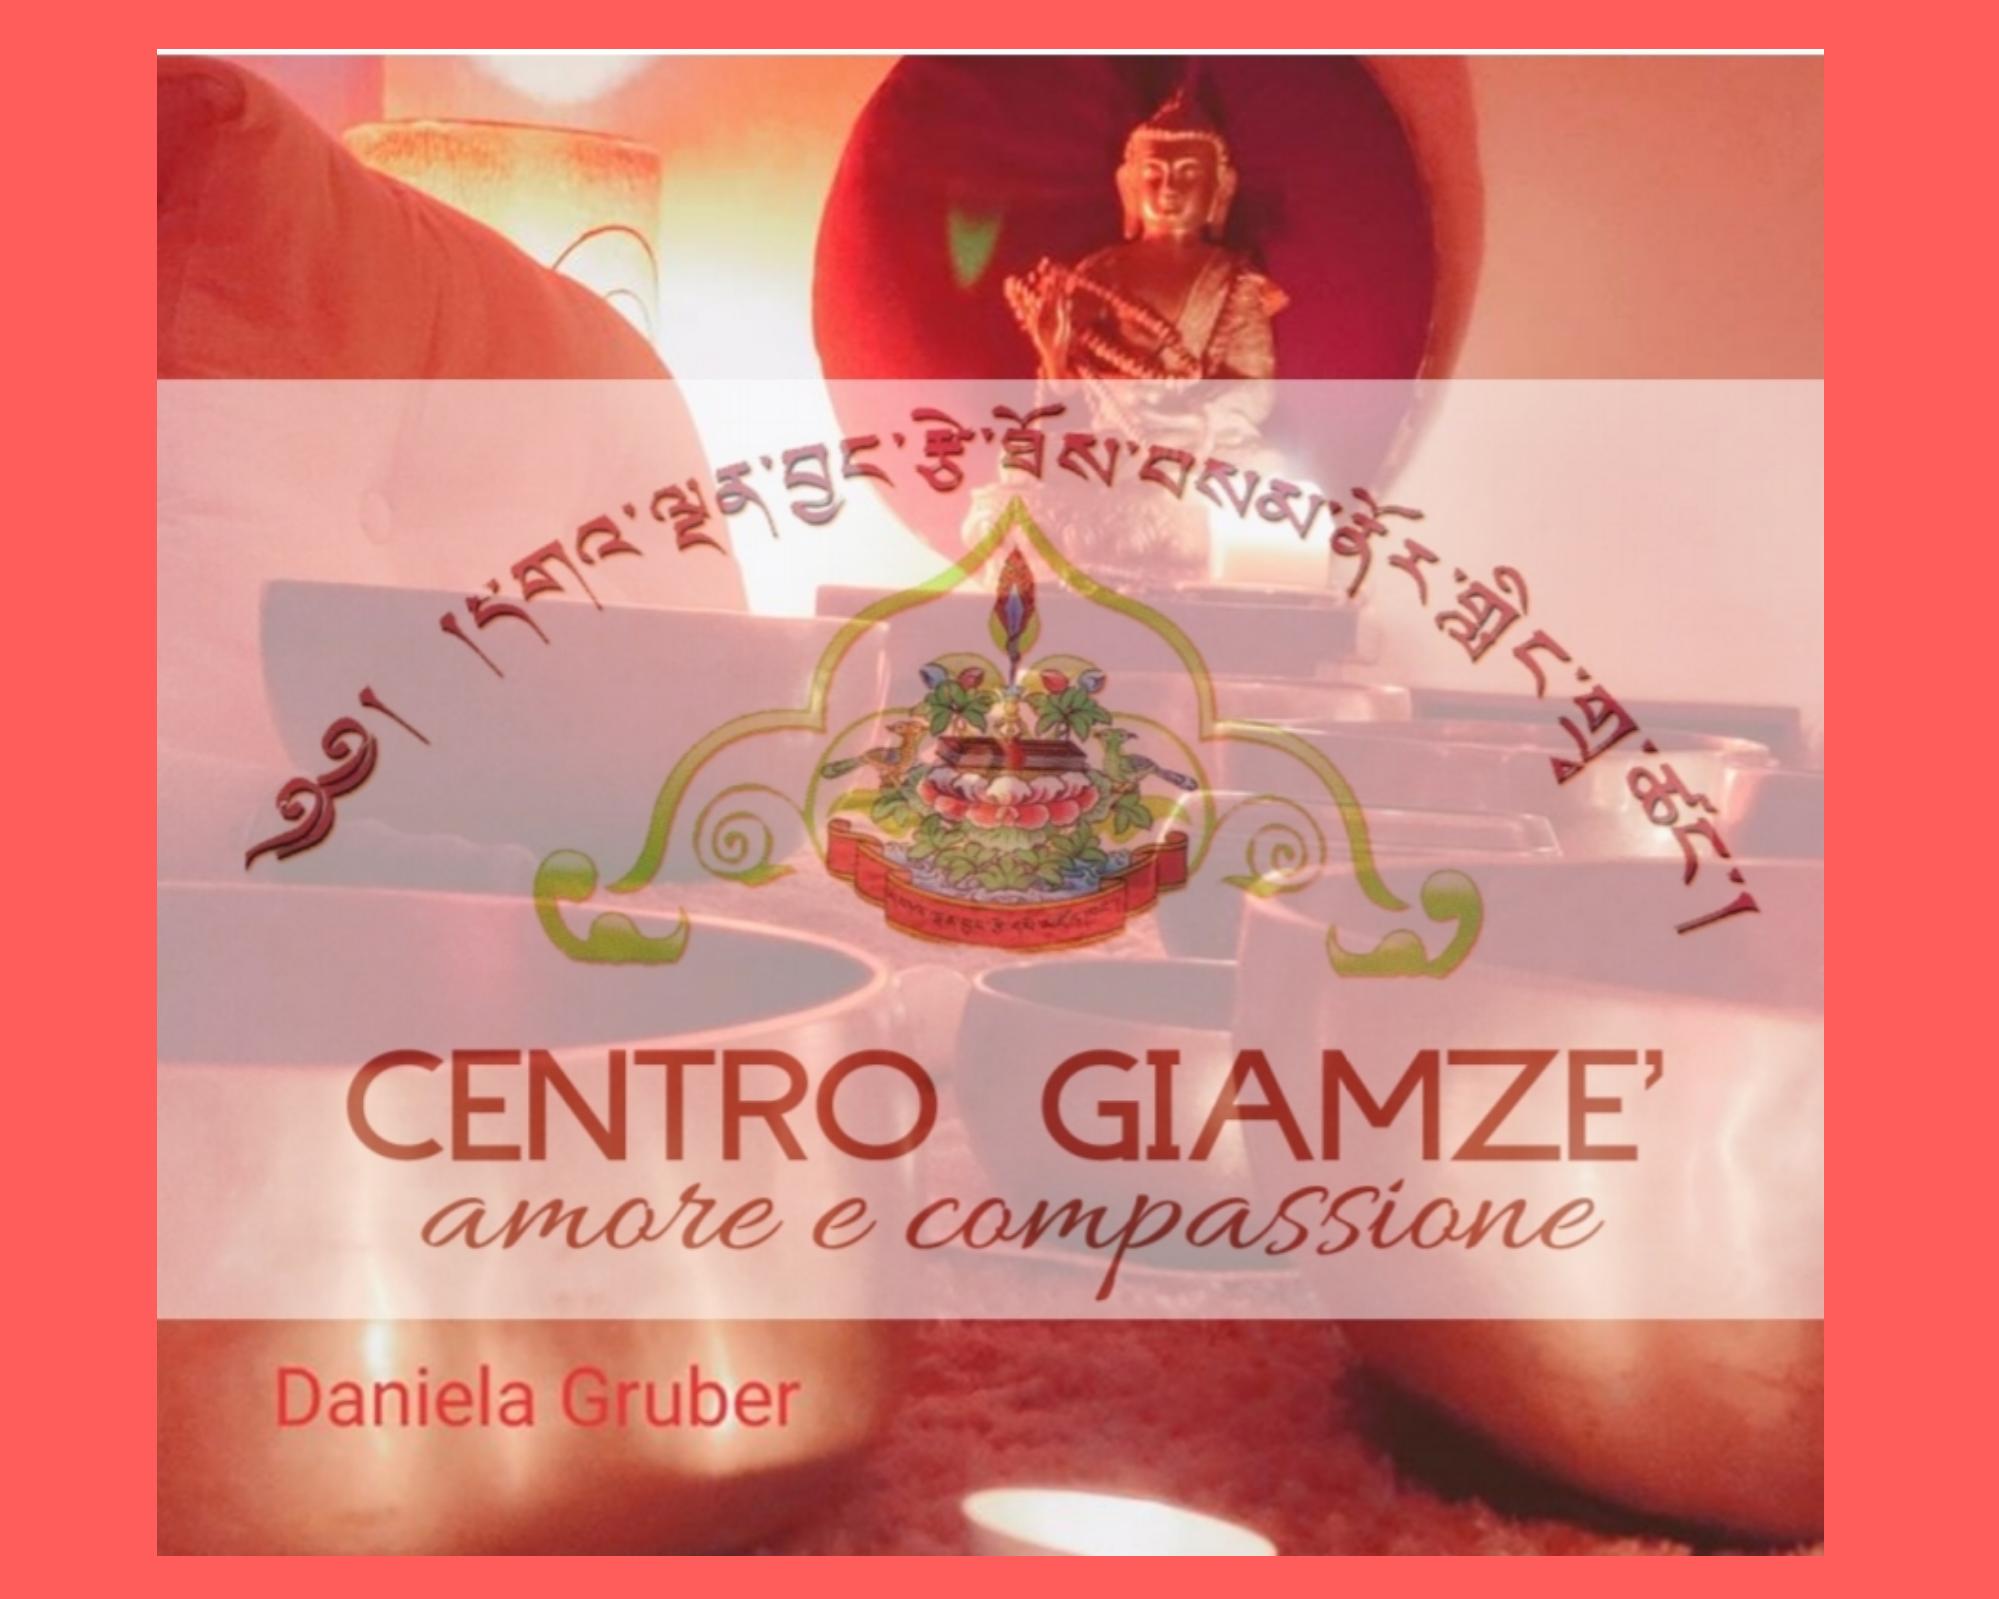 Massaggio Sonoro condotto di Daniela Gruber a beneficio del Centro Giamzé di Roma